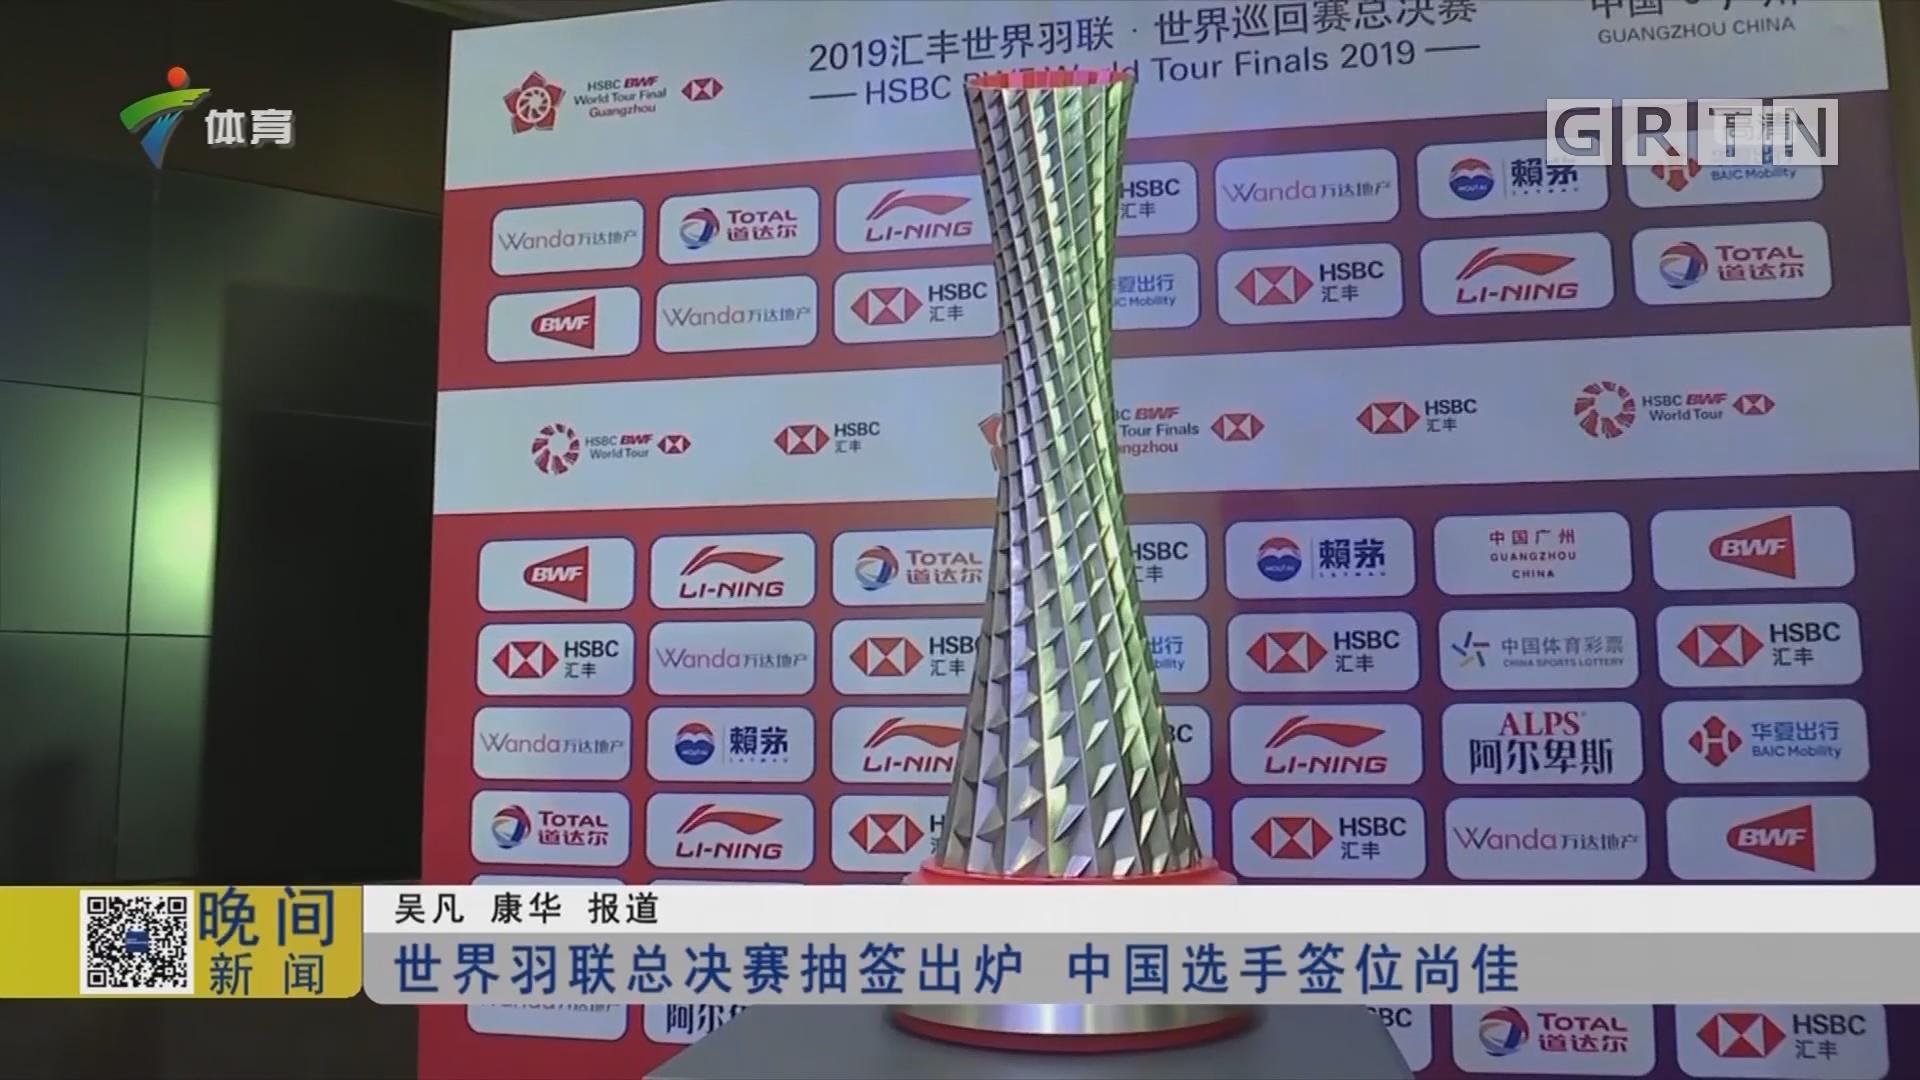 世界羽联总决赛抽签出炉 中国选手签位尚佳